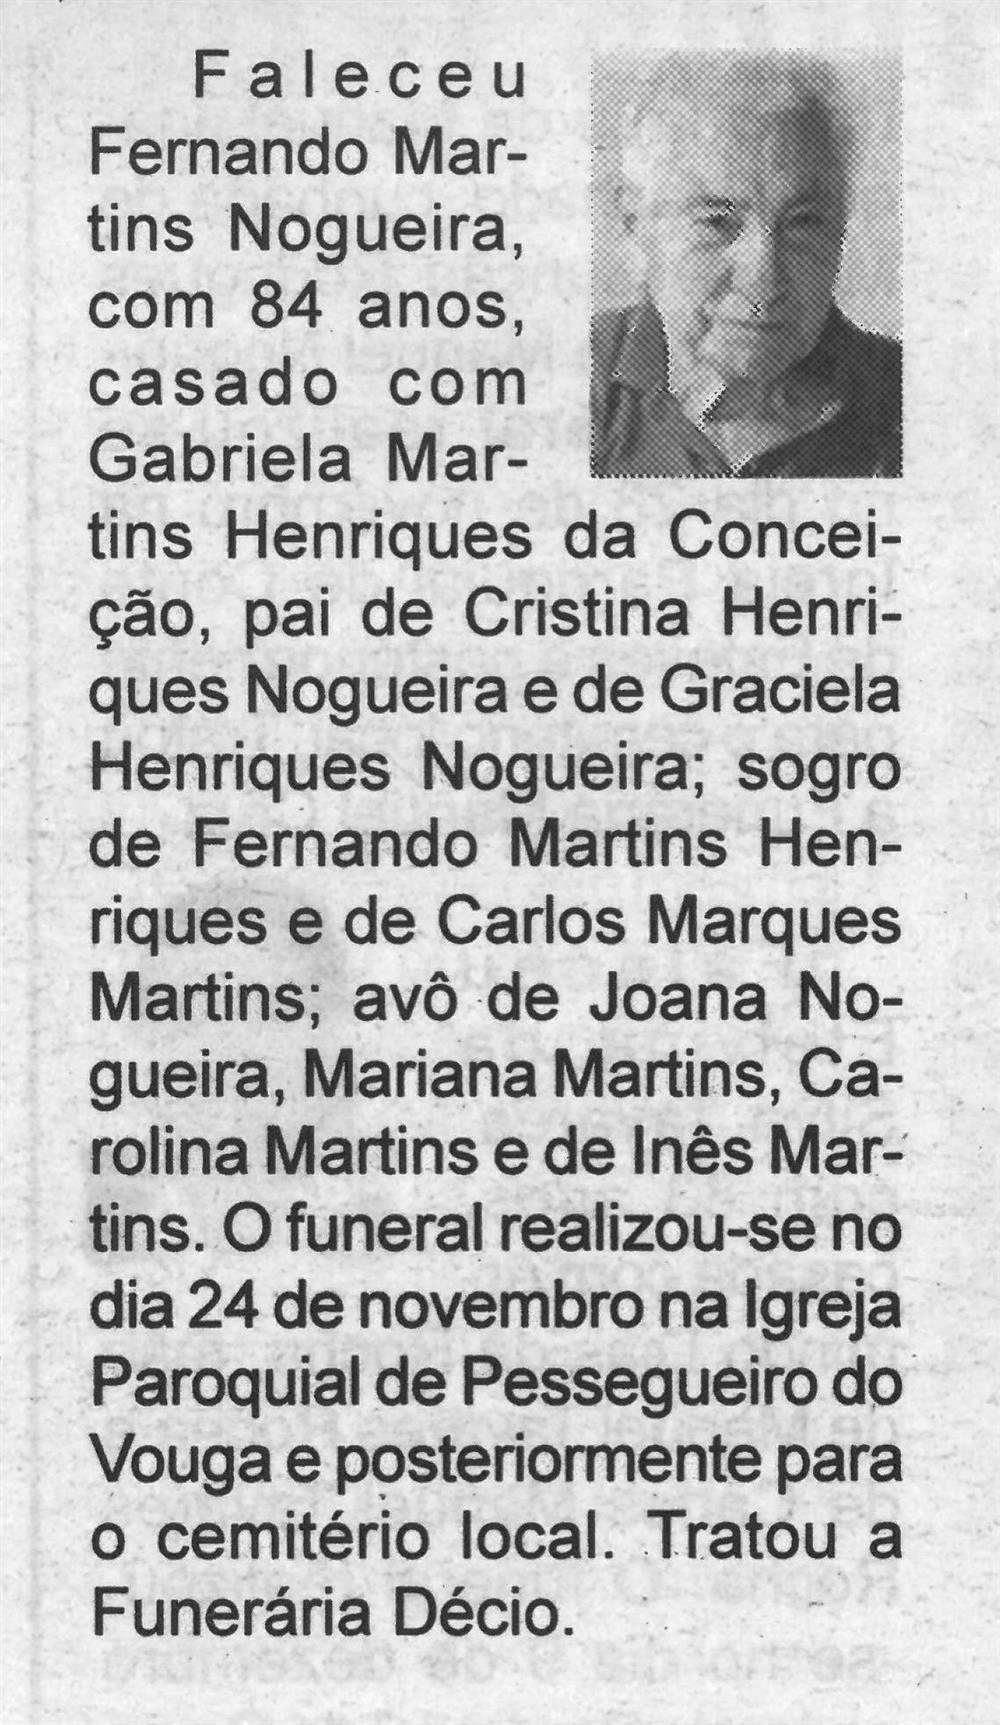 BV-2.ªdez.'20-p.13-Pessegueiro do Vouga : [Fernando Martins Nogueira].jpg